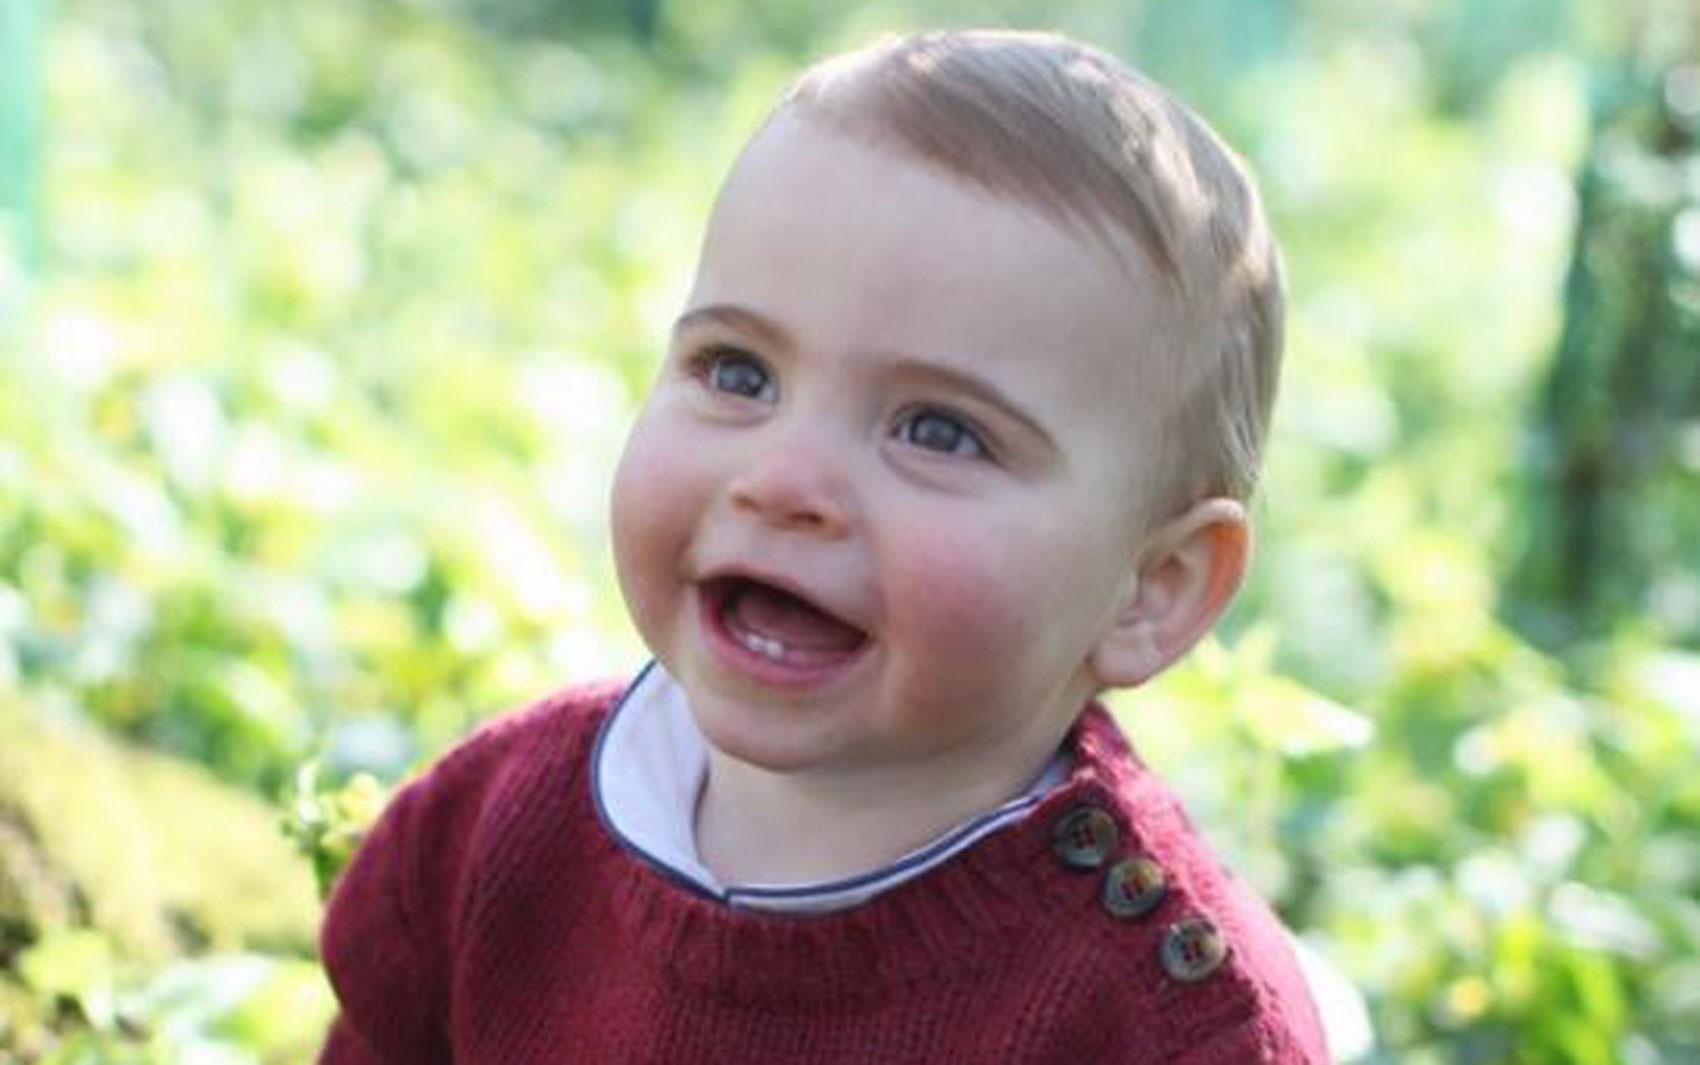 William e Kate divulgam fotos do príncipe Louis na véspera de seu primeiro aniversário